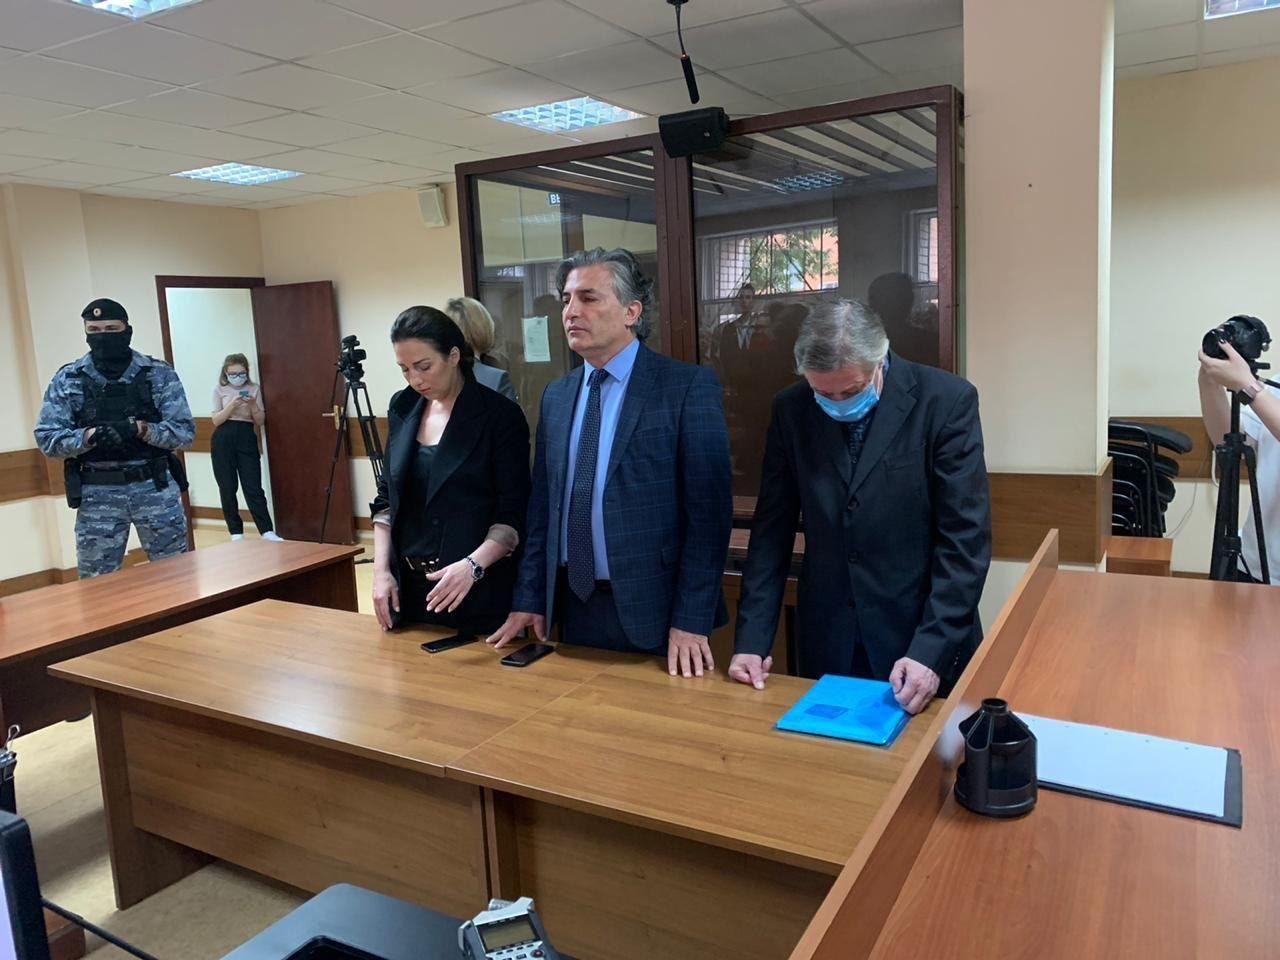 Суд признал Михаила Ефремова виновным в летальном ДТП: 8 лет колонии - не помог даже обморок жены